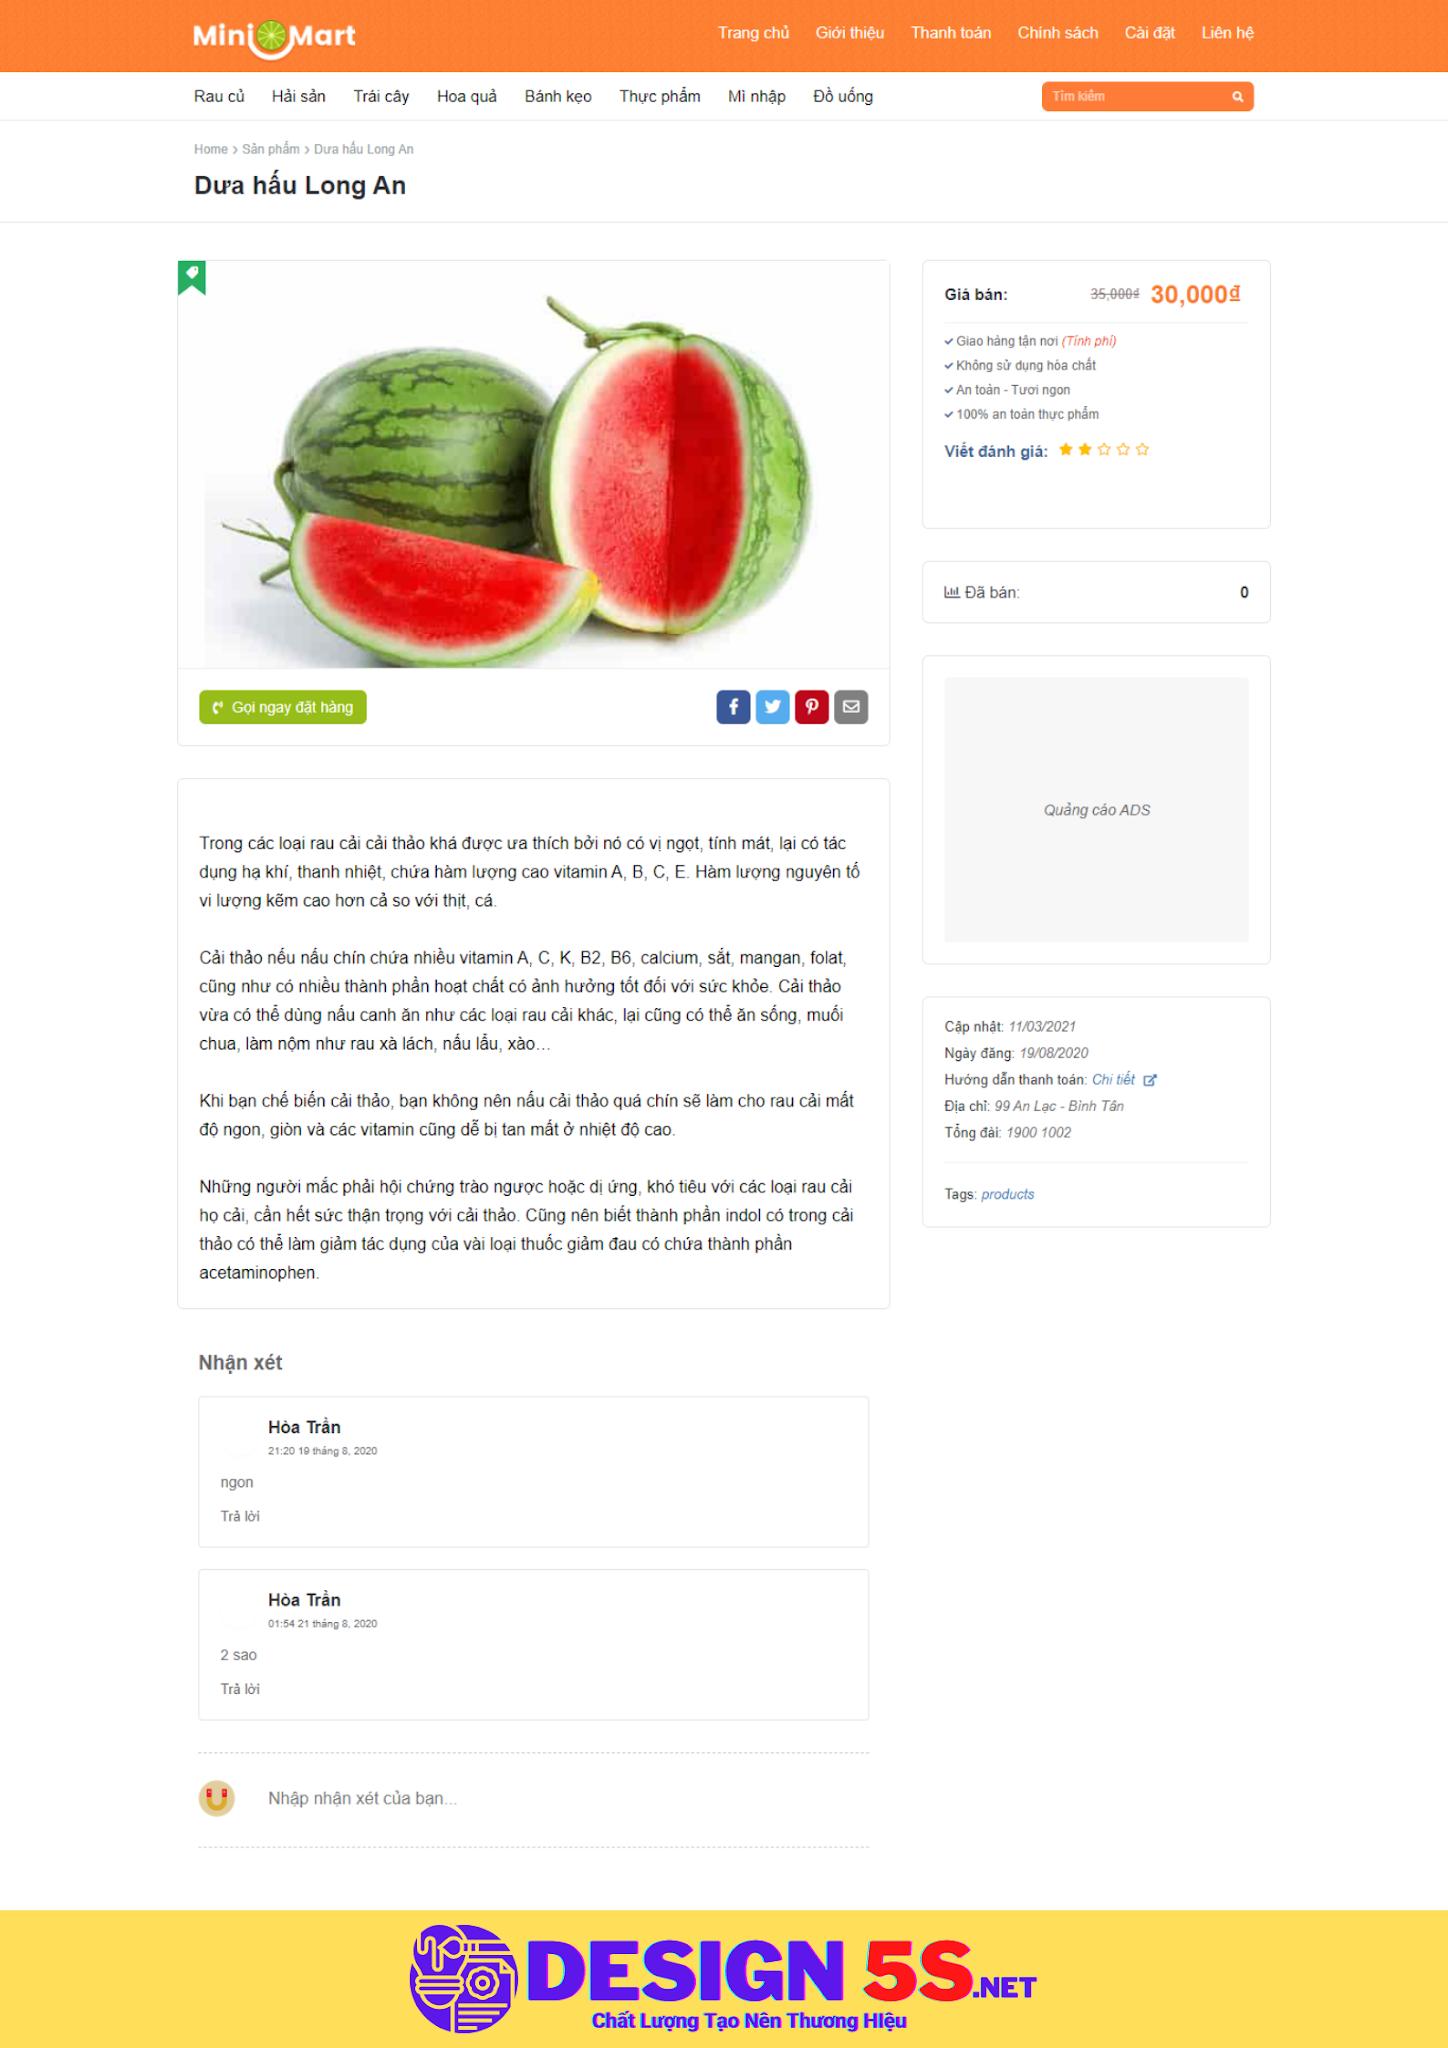 Theme blogspot bán thực phẩm, mini mart VSM33 - Ảnh 2